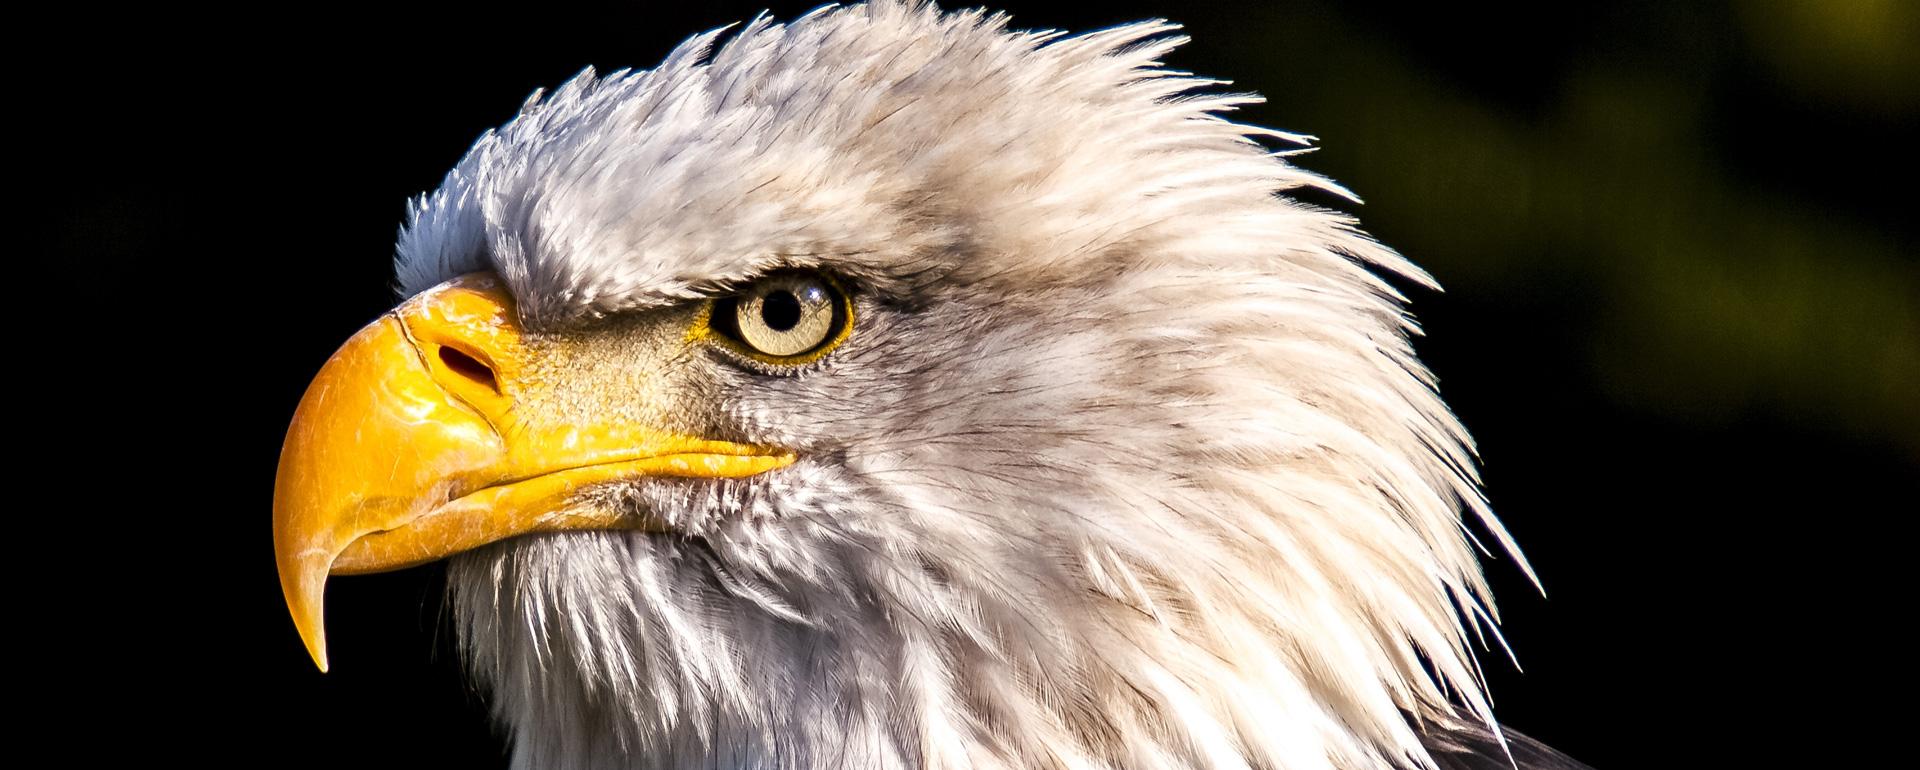 Parc animalier Eco-Parc du Rocher des Aigles de Rocamadour - Lot